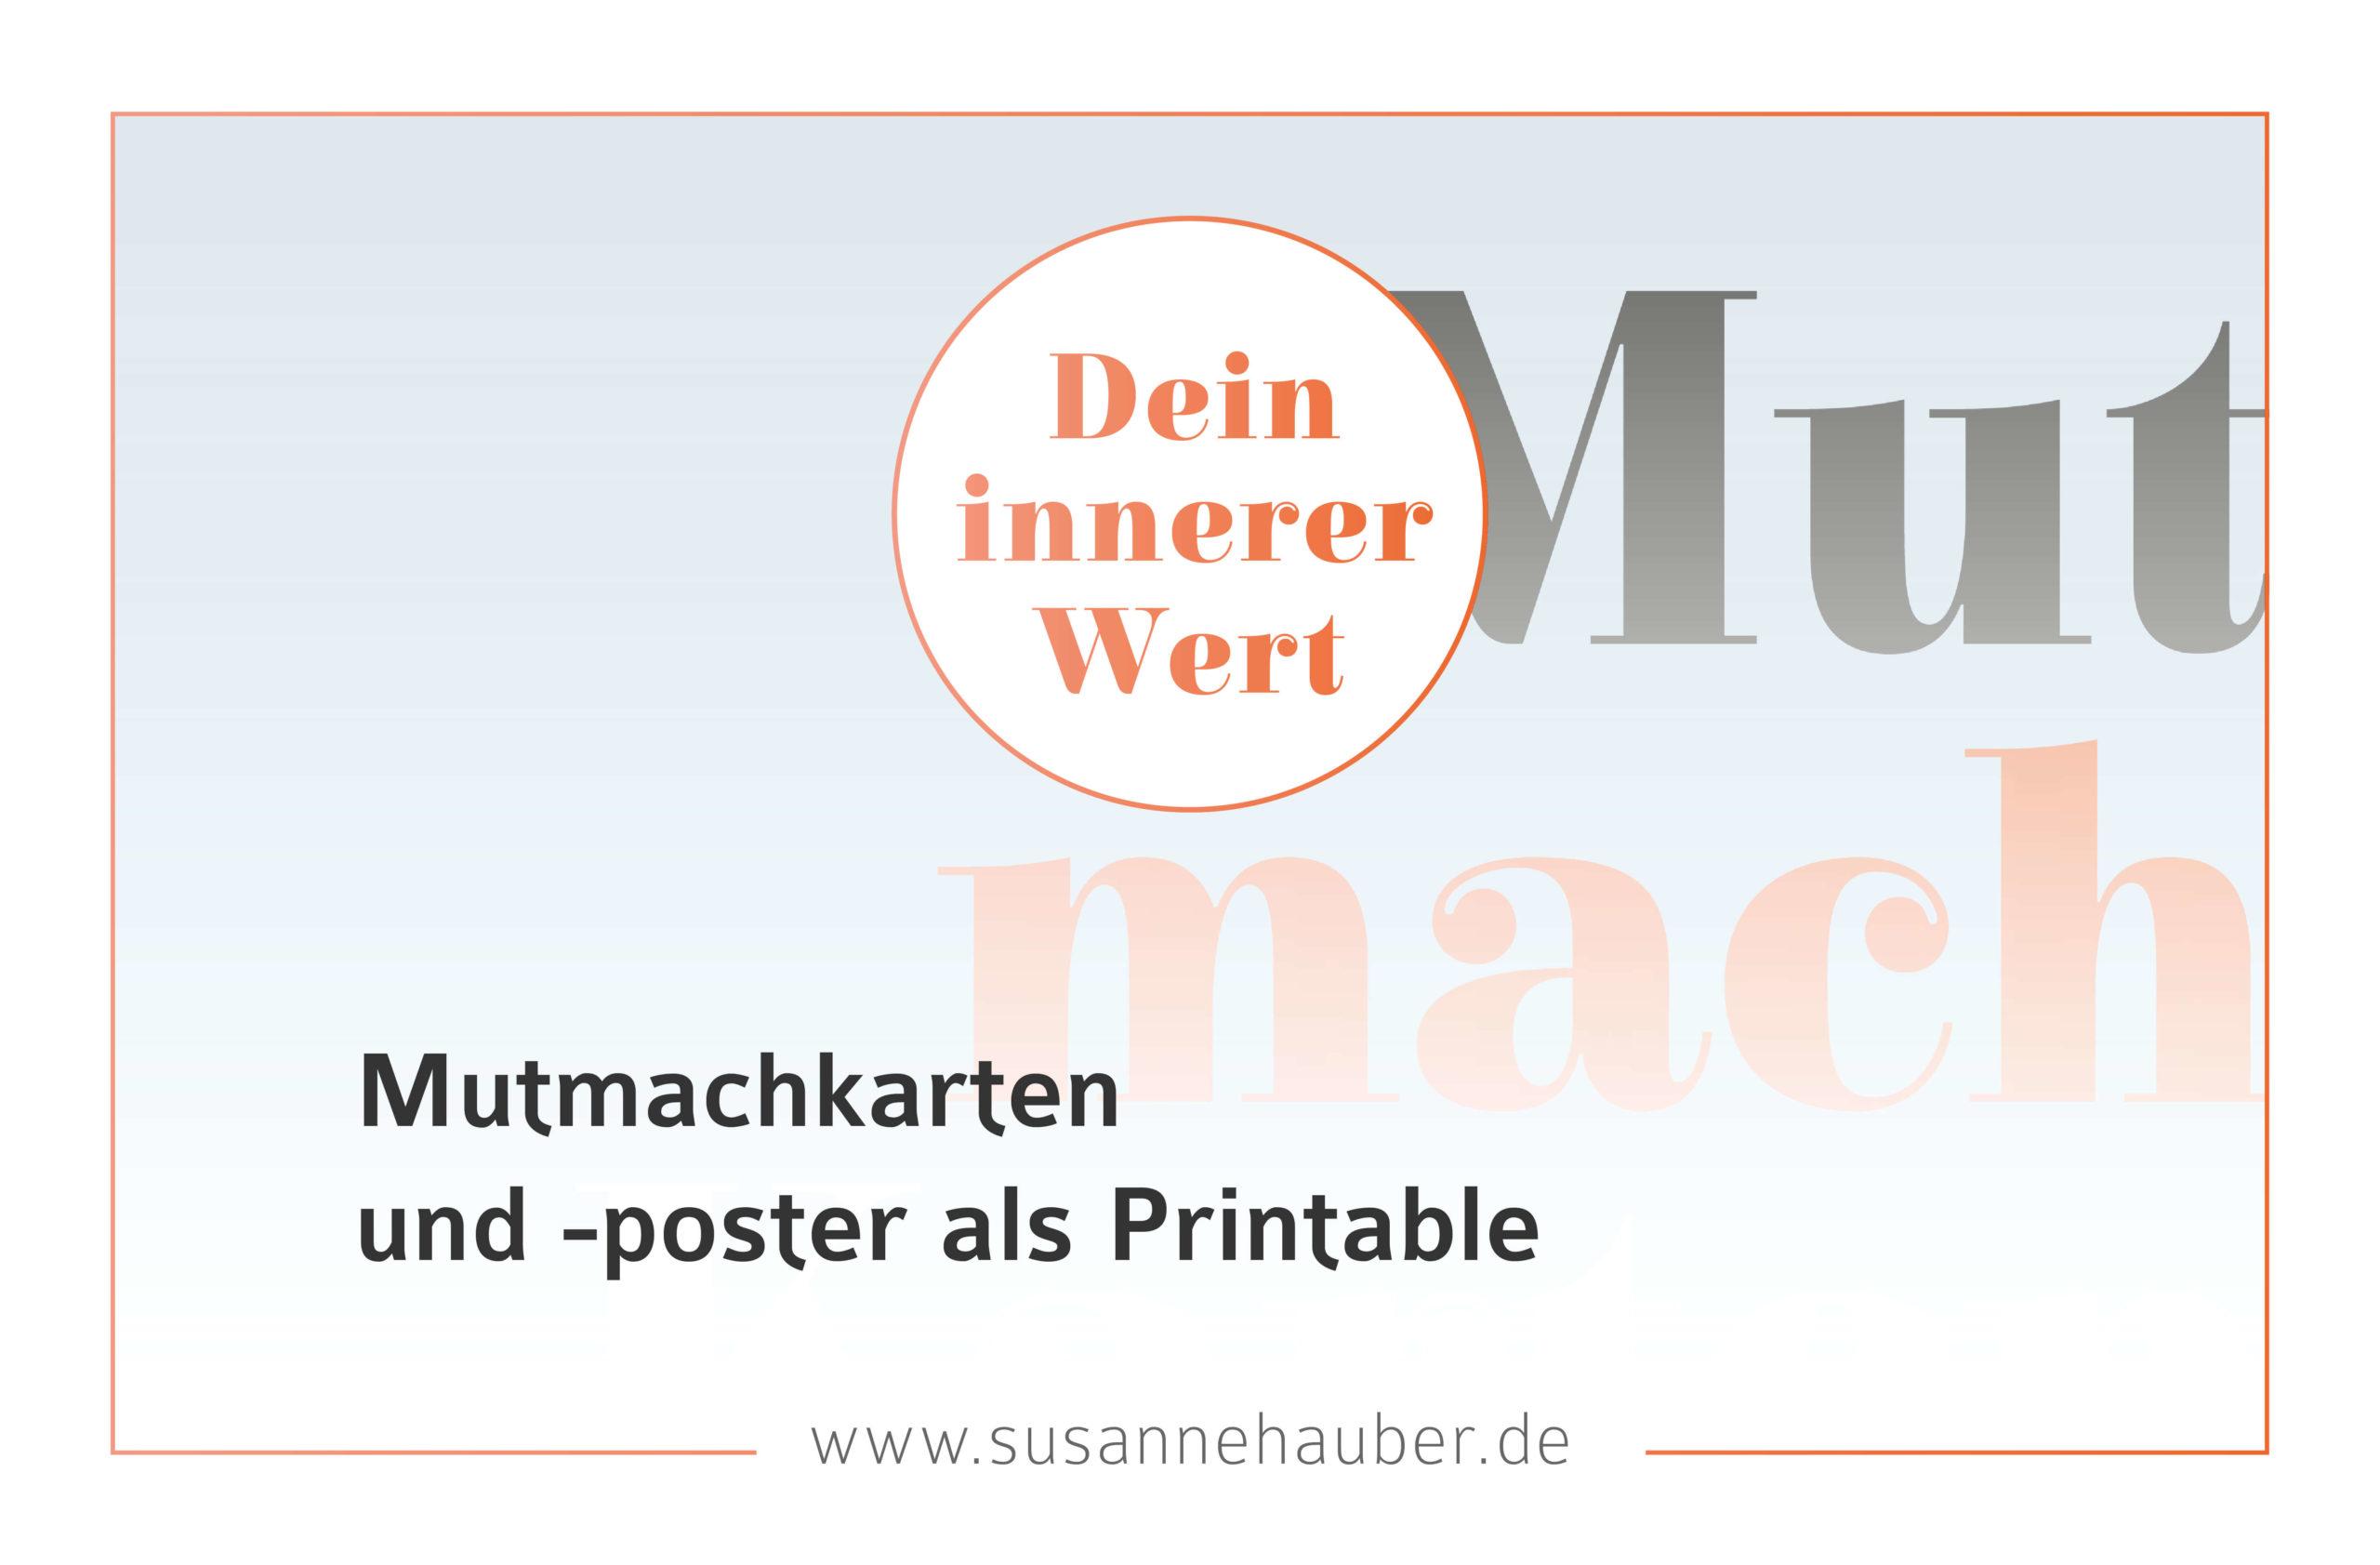 Mutmachkarten und -poster als Printable